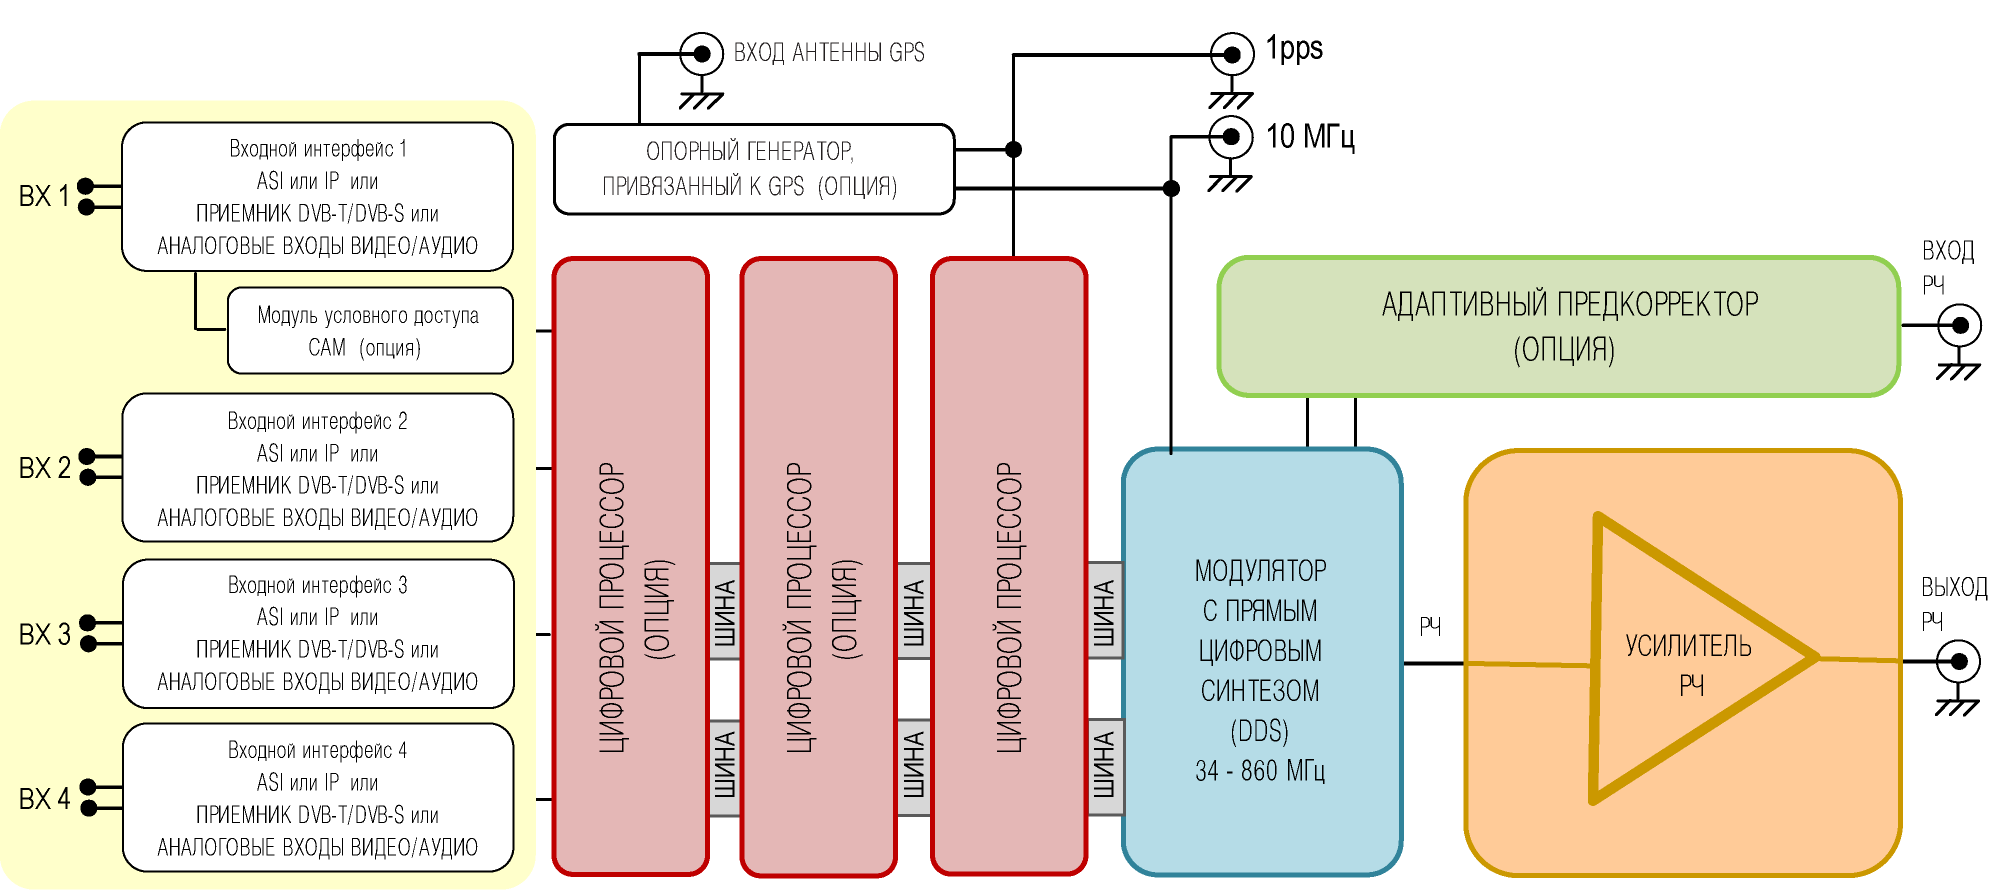 схема передатчика ду